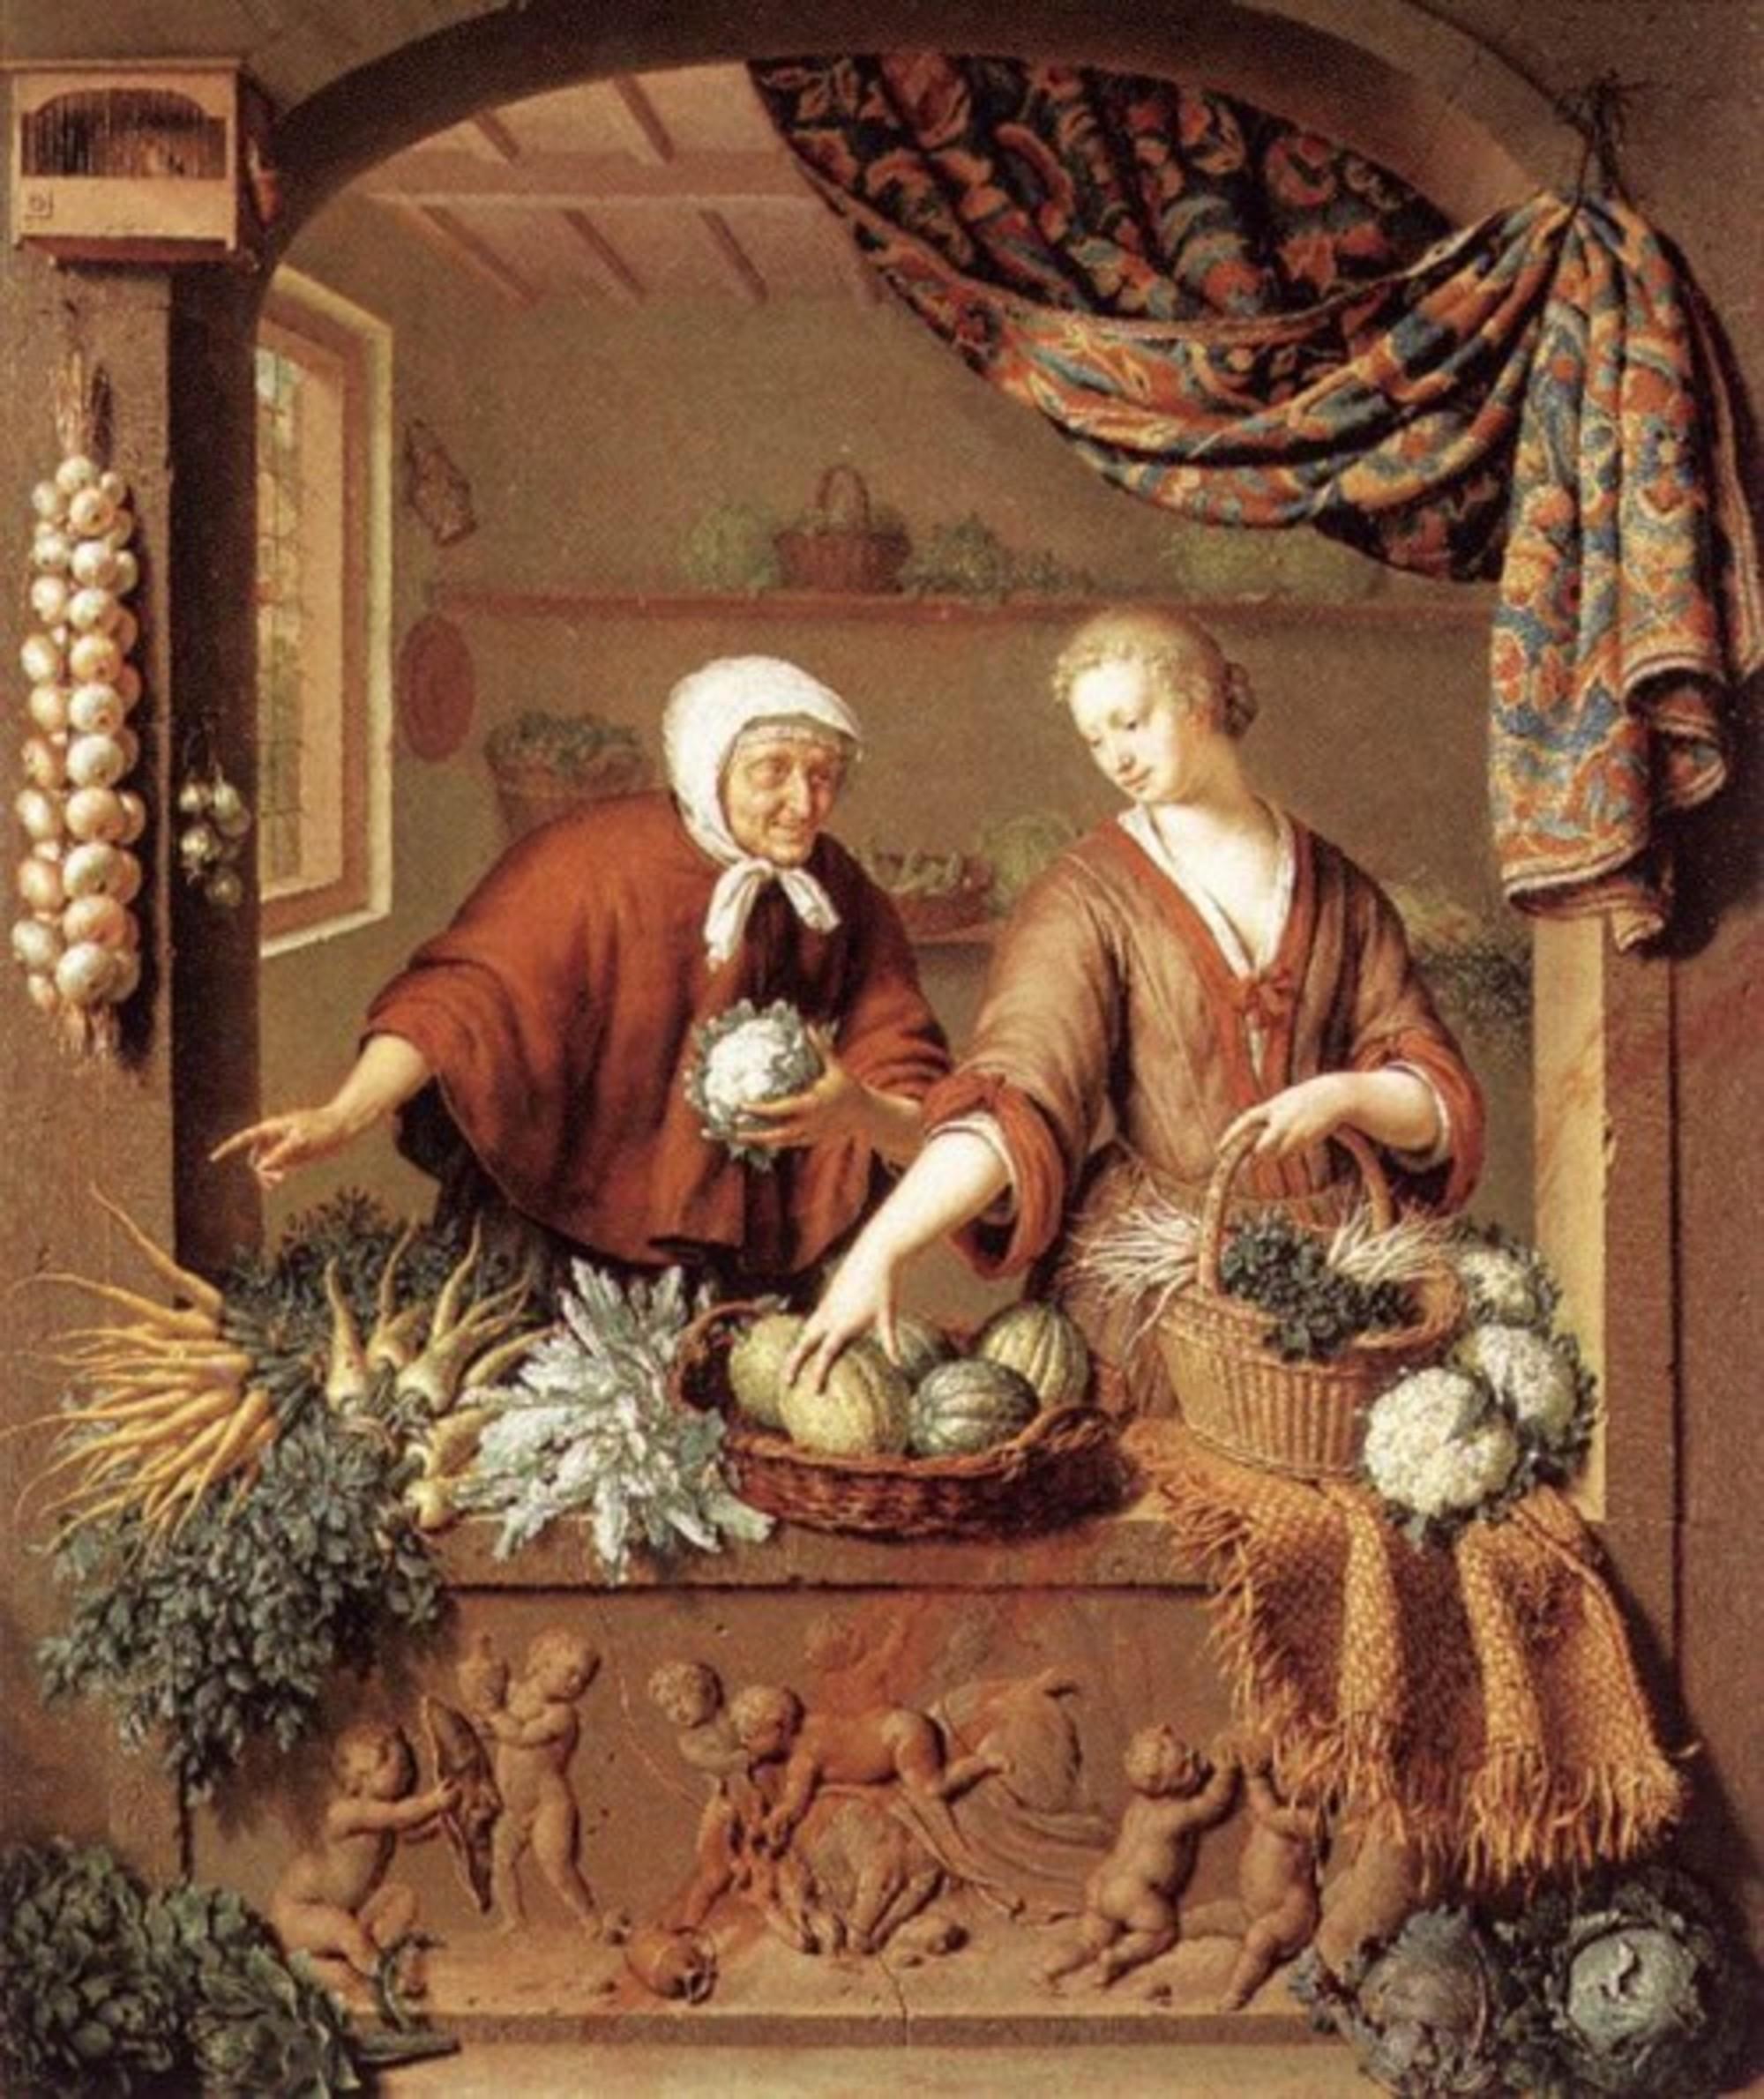 Willem-van-Mieris-Greengrocer.jpg